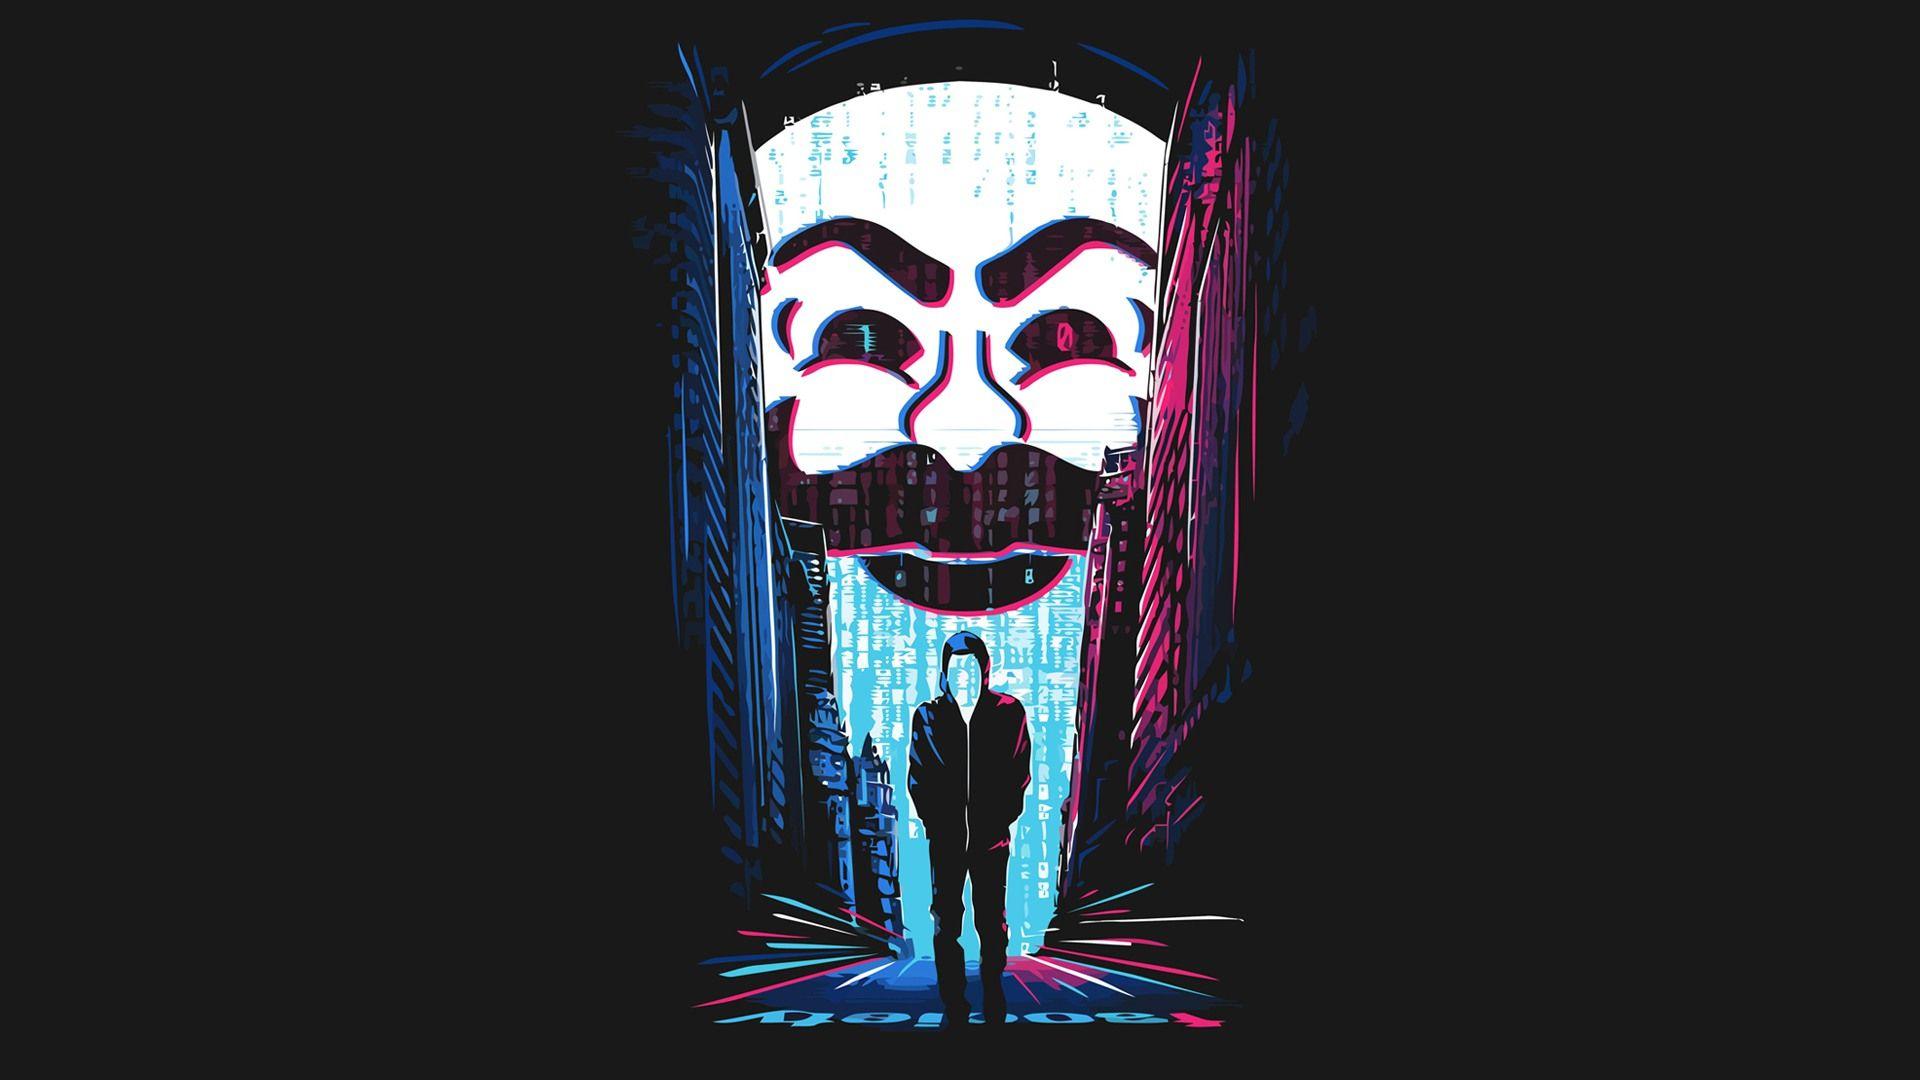 Ảnh Hacker 7 màu